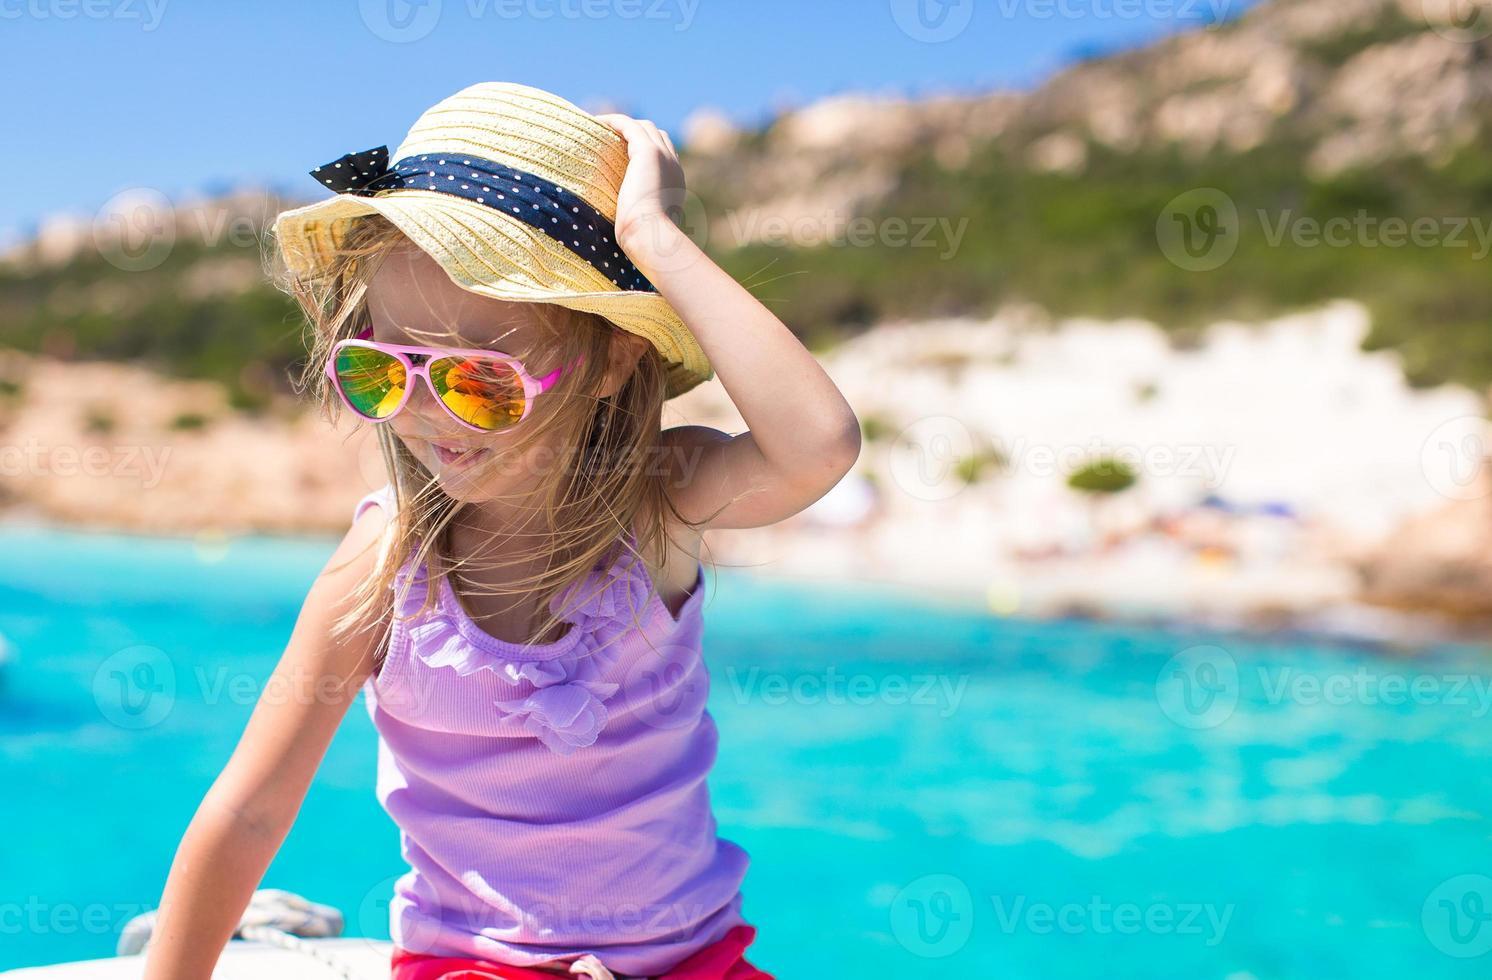 ragazza carina godendo la navigazione in barca in mare aperto foto